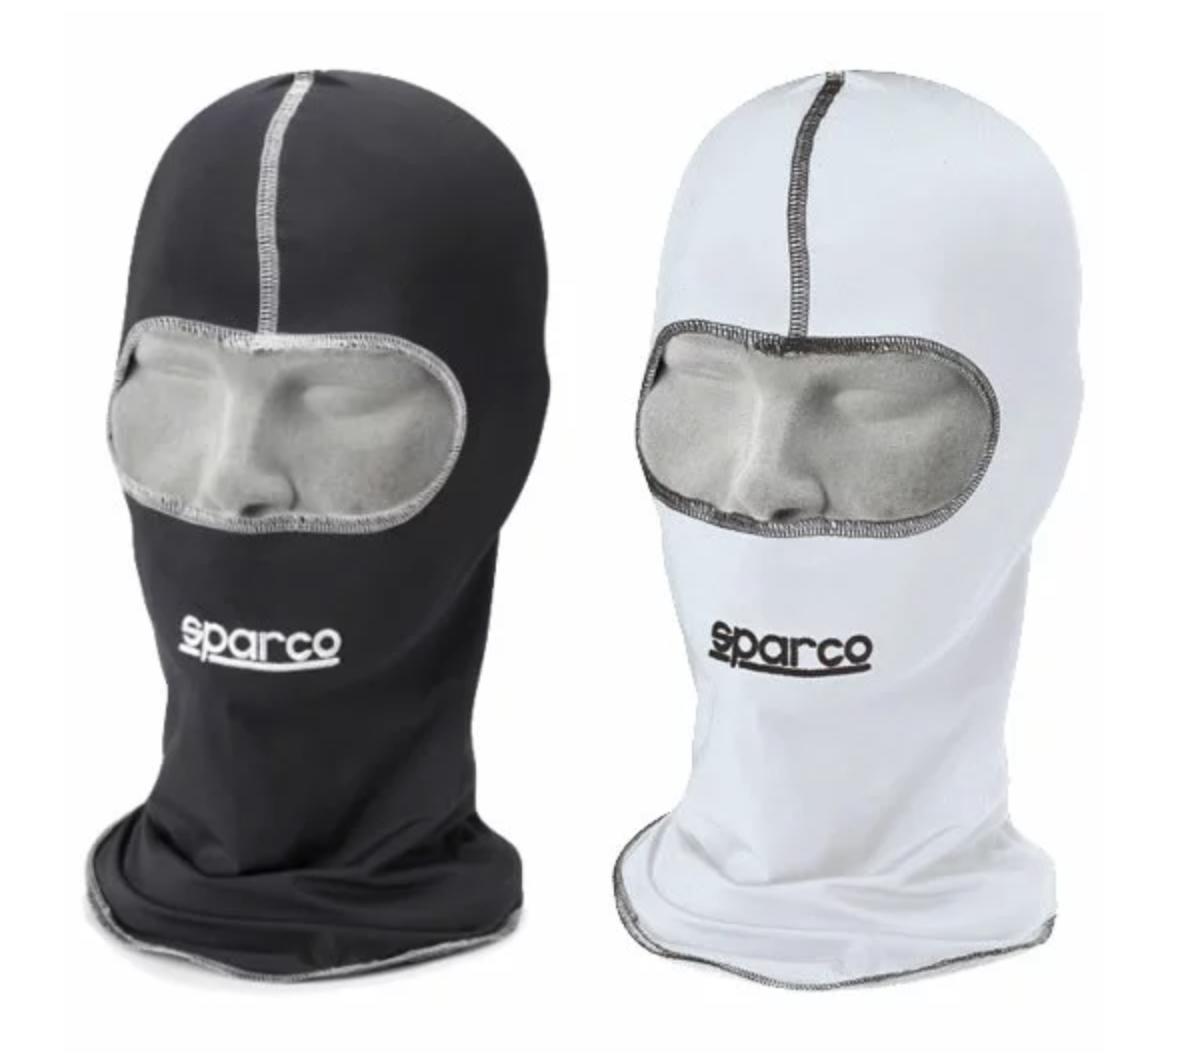 Sparco スパルコ フェイスマスク ドライメッシュ ブラック 限定タイムセール 新作販売 002231N Basic カーティング